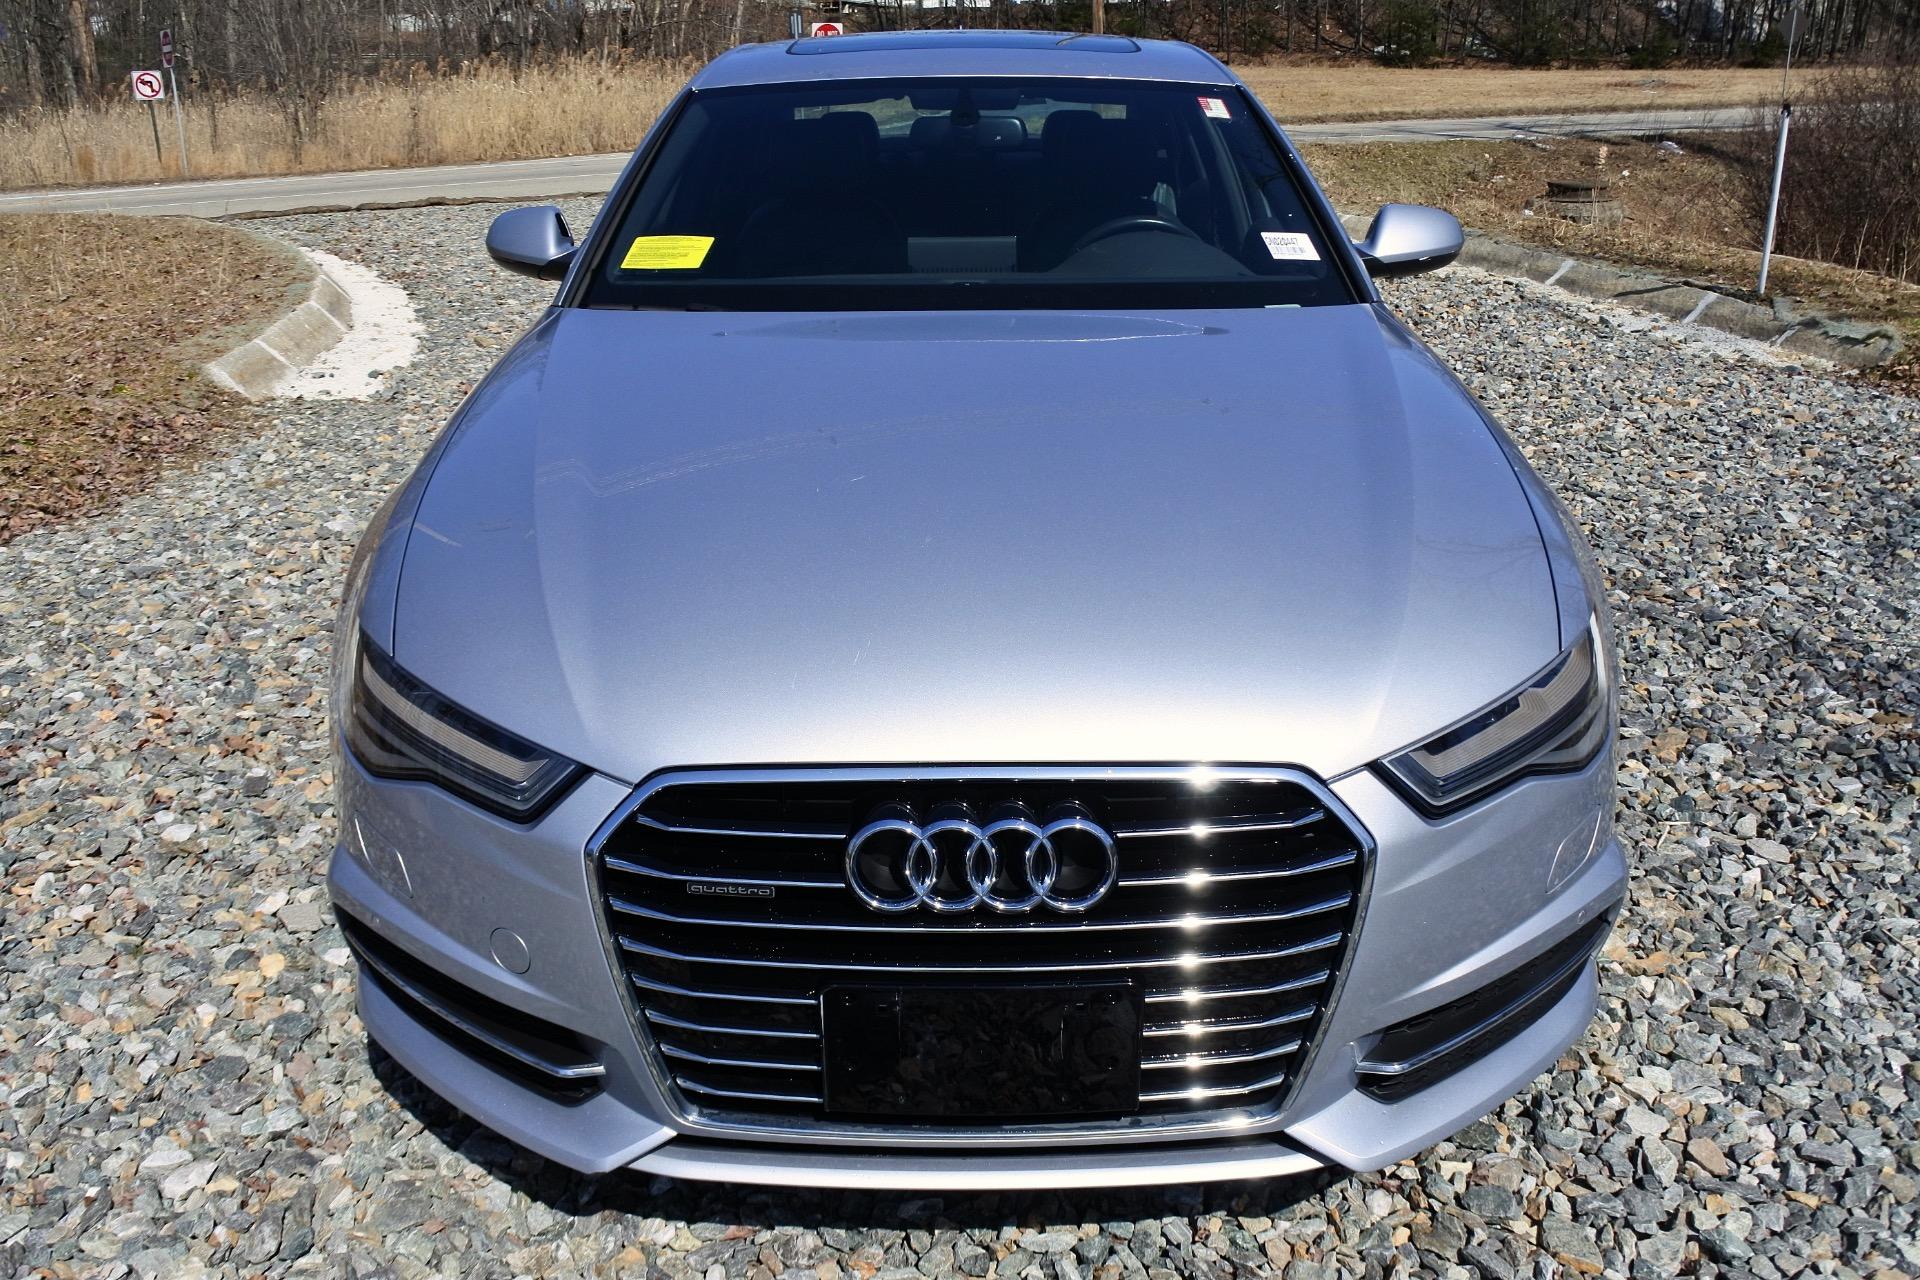 Used 2016 Audi A6 3.0 TDI Premium Plus Quattro Used 2016 Audi A6 3.0 TDI Premium Plus Quattro for sale  at Metro West Motorcars LLC in Shrewsbury MA 8